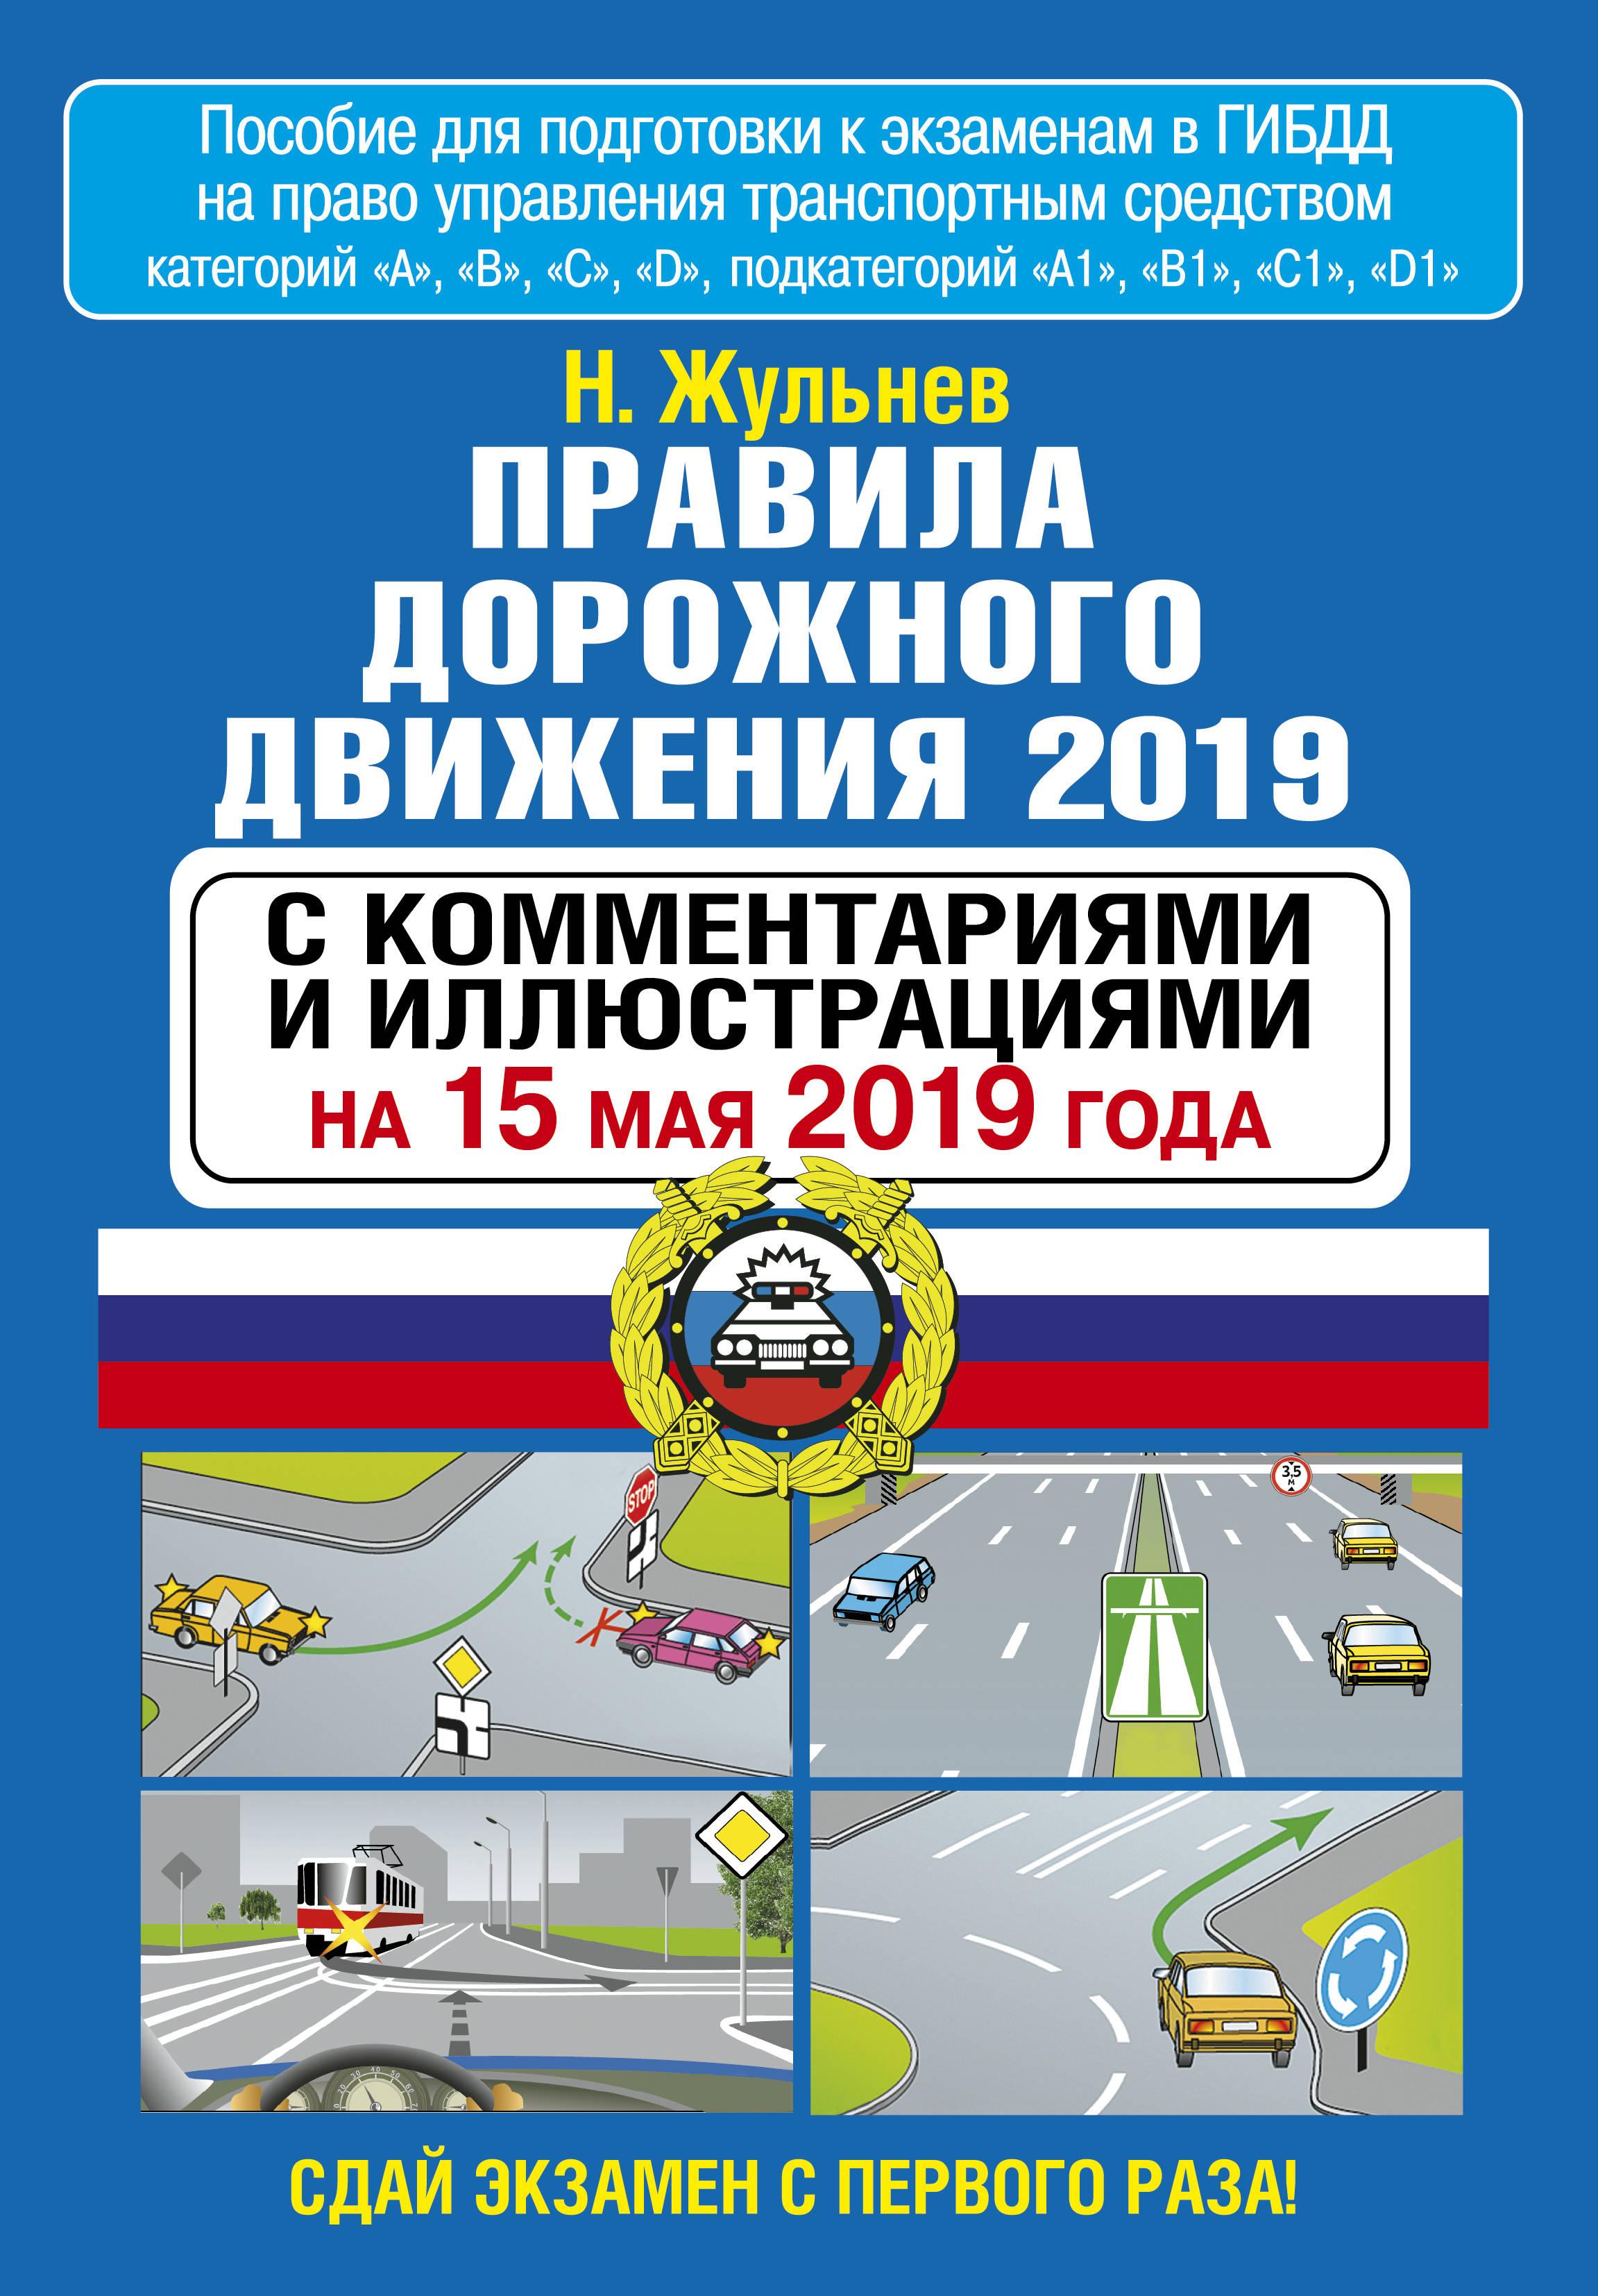 Жульнев Н.Я. Правила дорожного движения 2019 с комментариями и иллюстрациями на 15 мая 2019 года